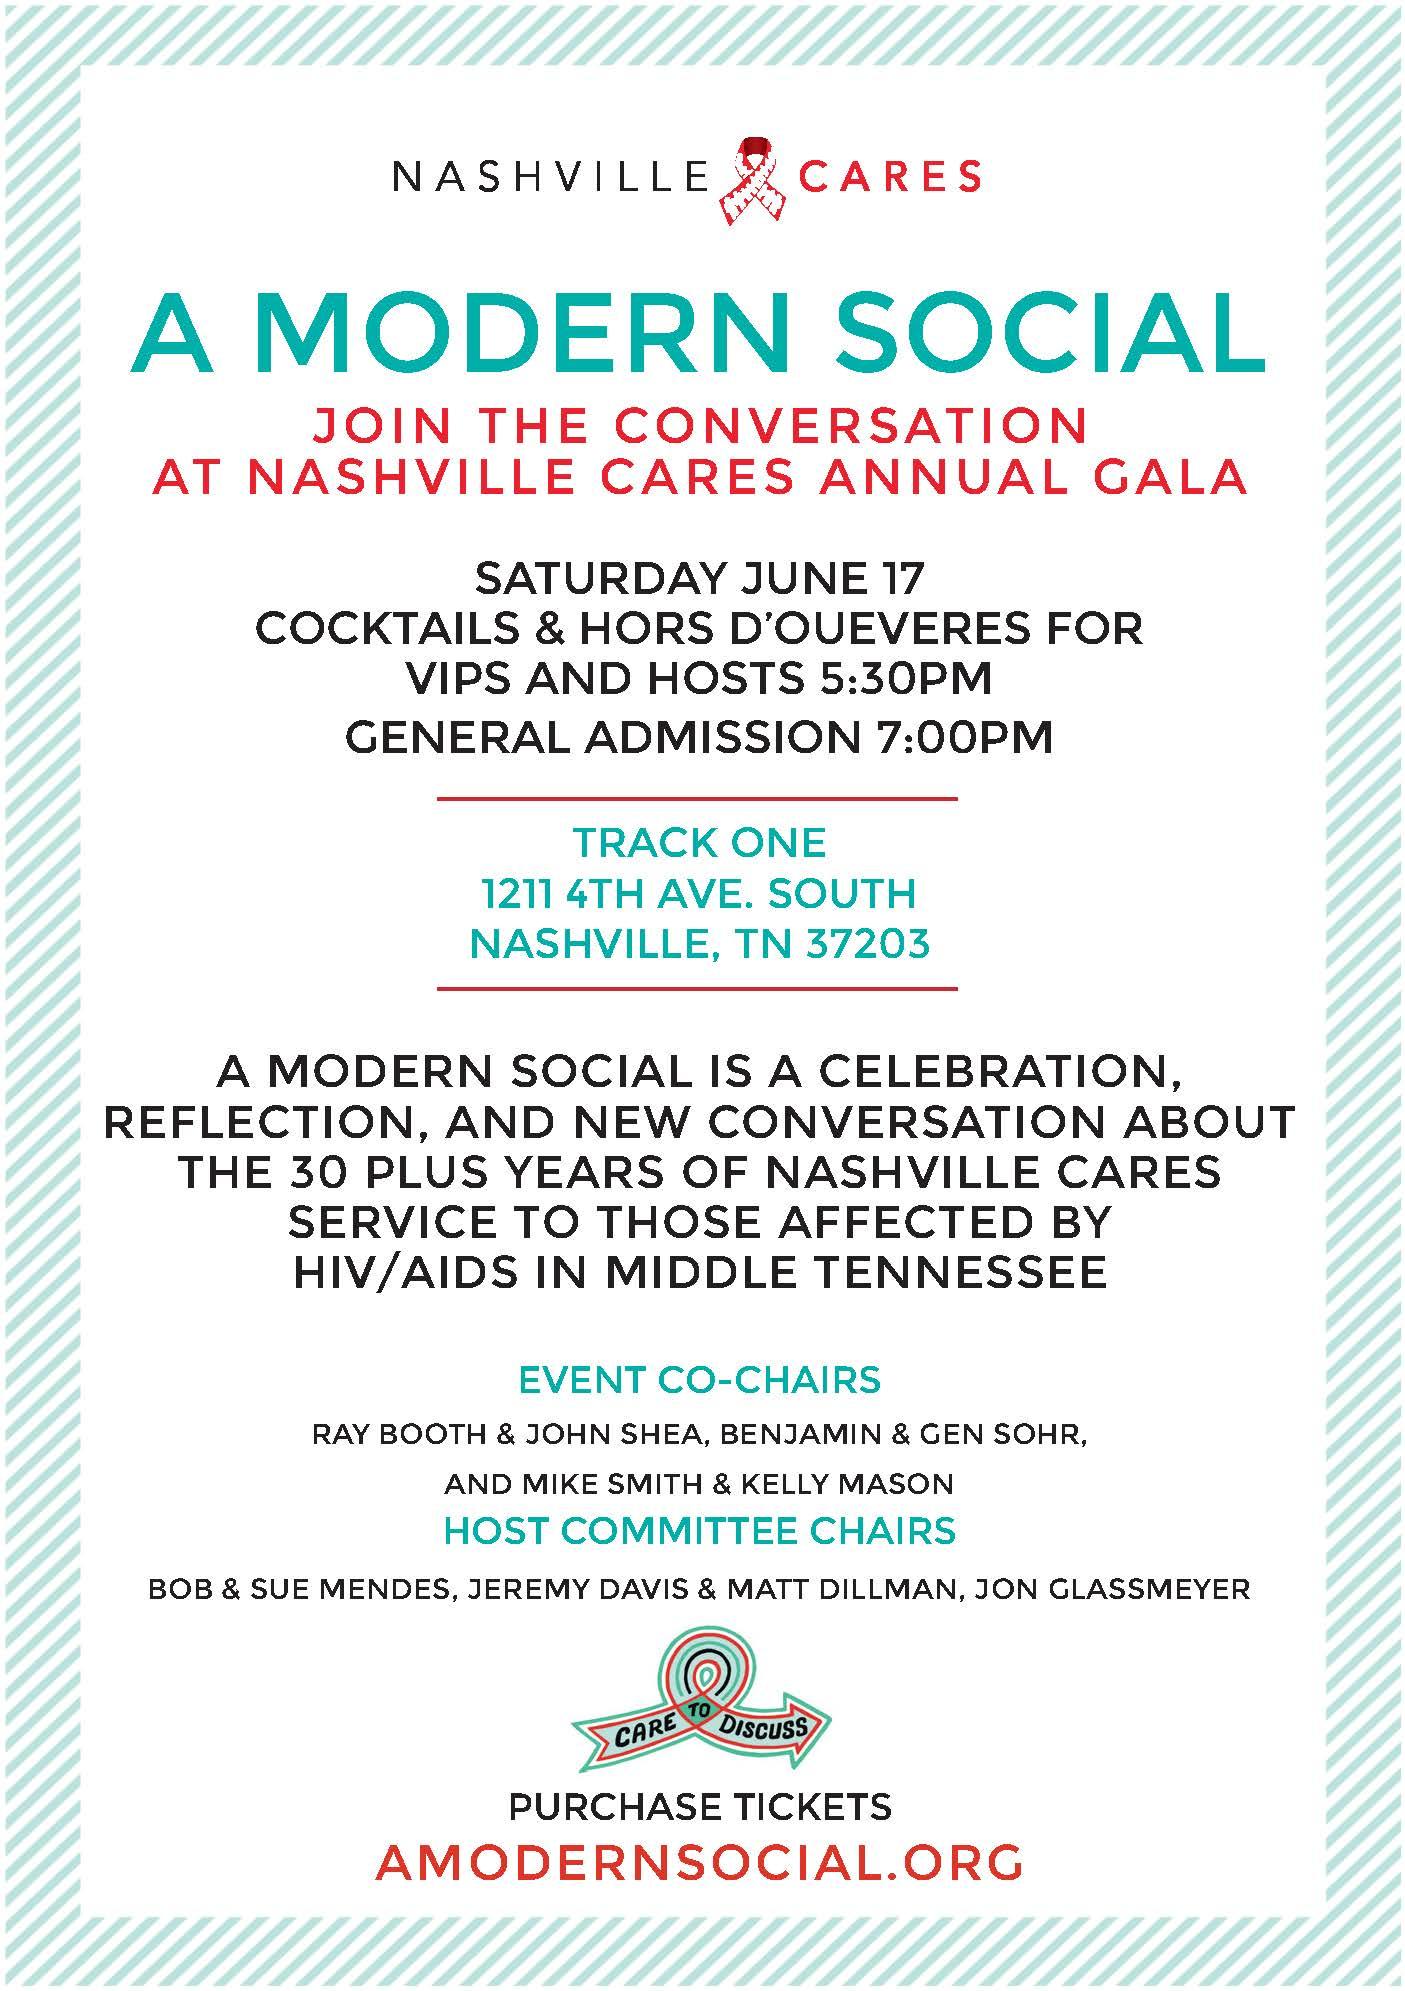 A Modern Social Invite